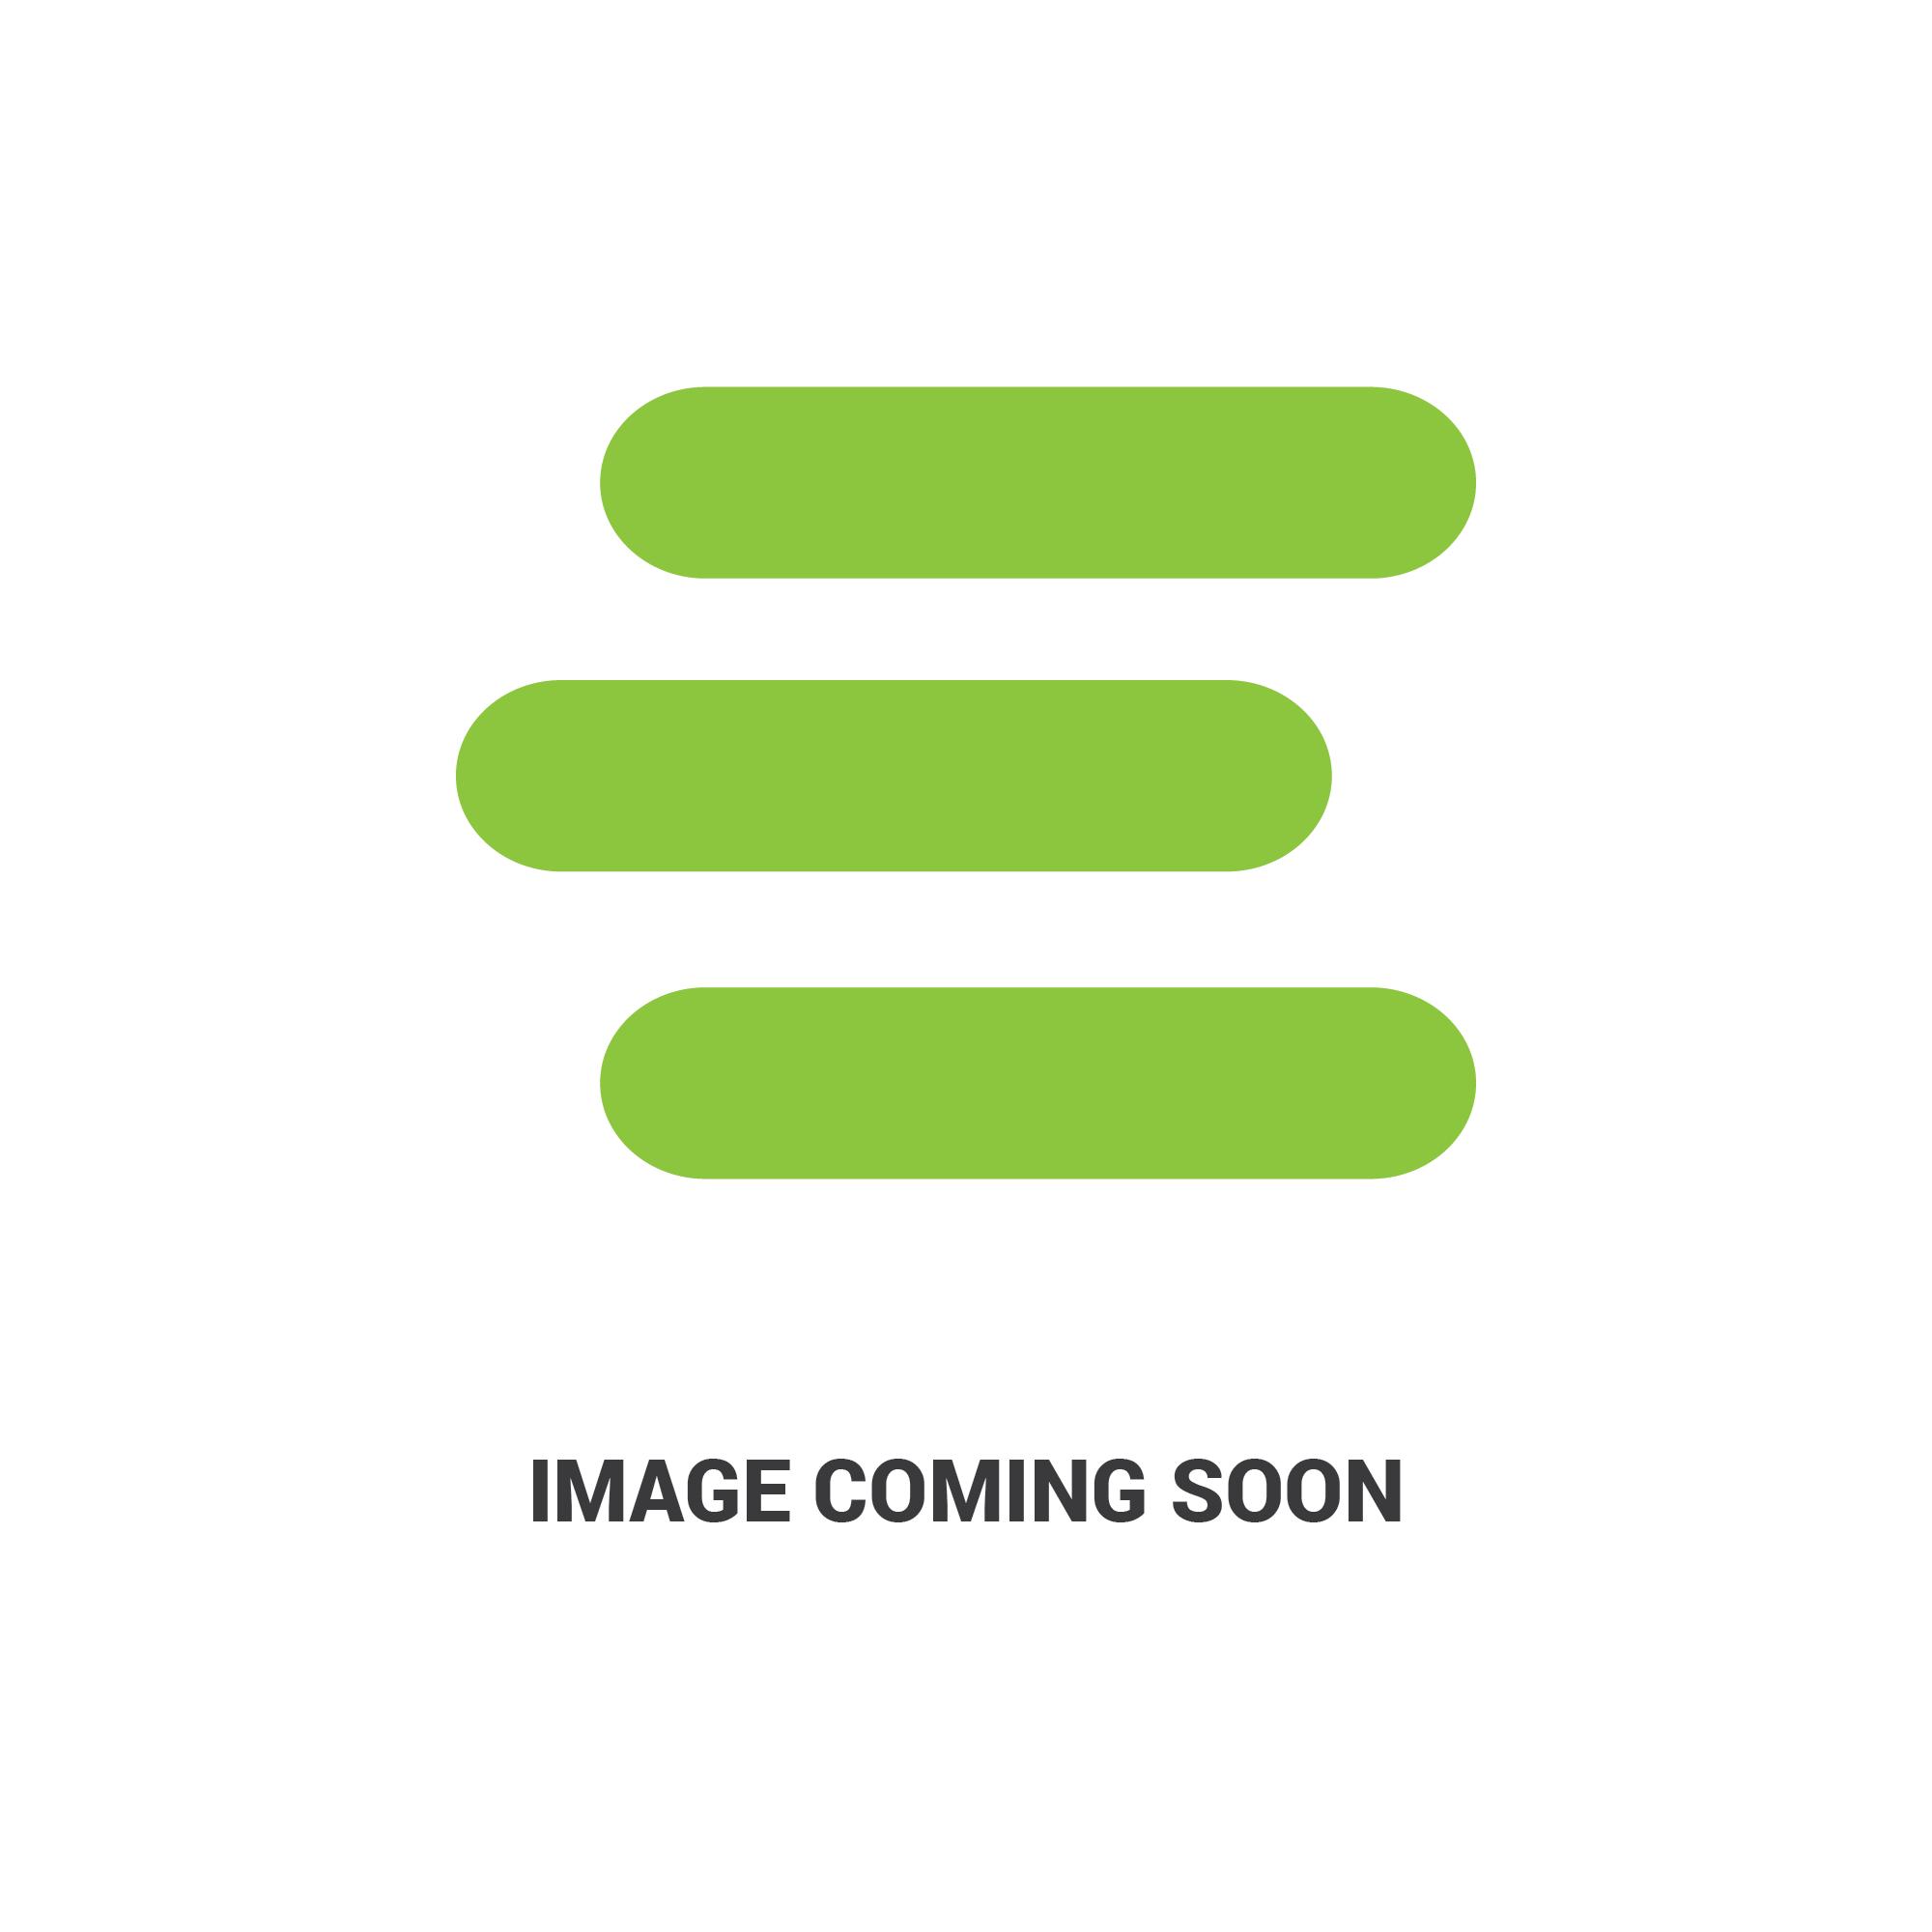 E-AL1143211987_1.jpg